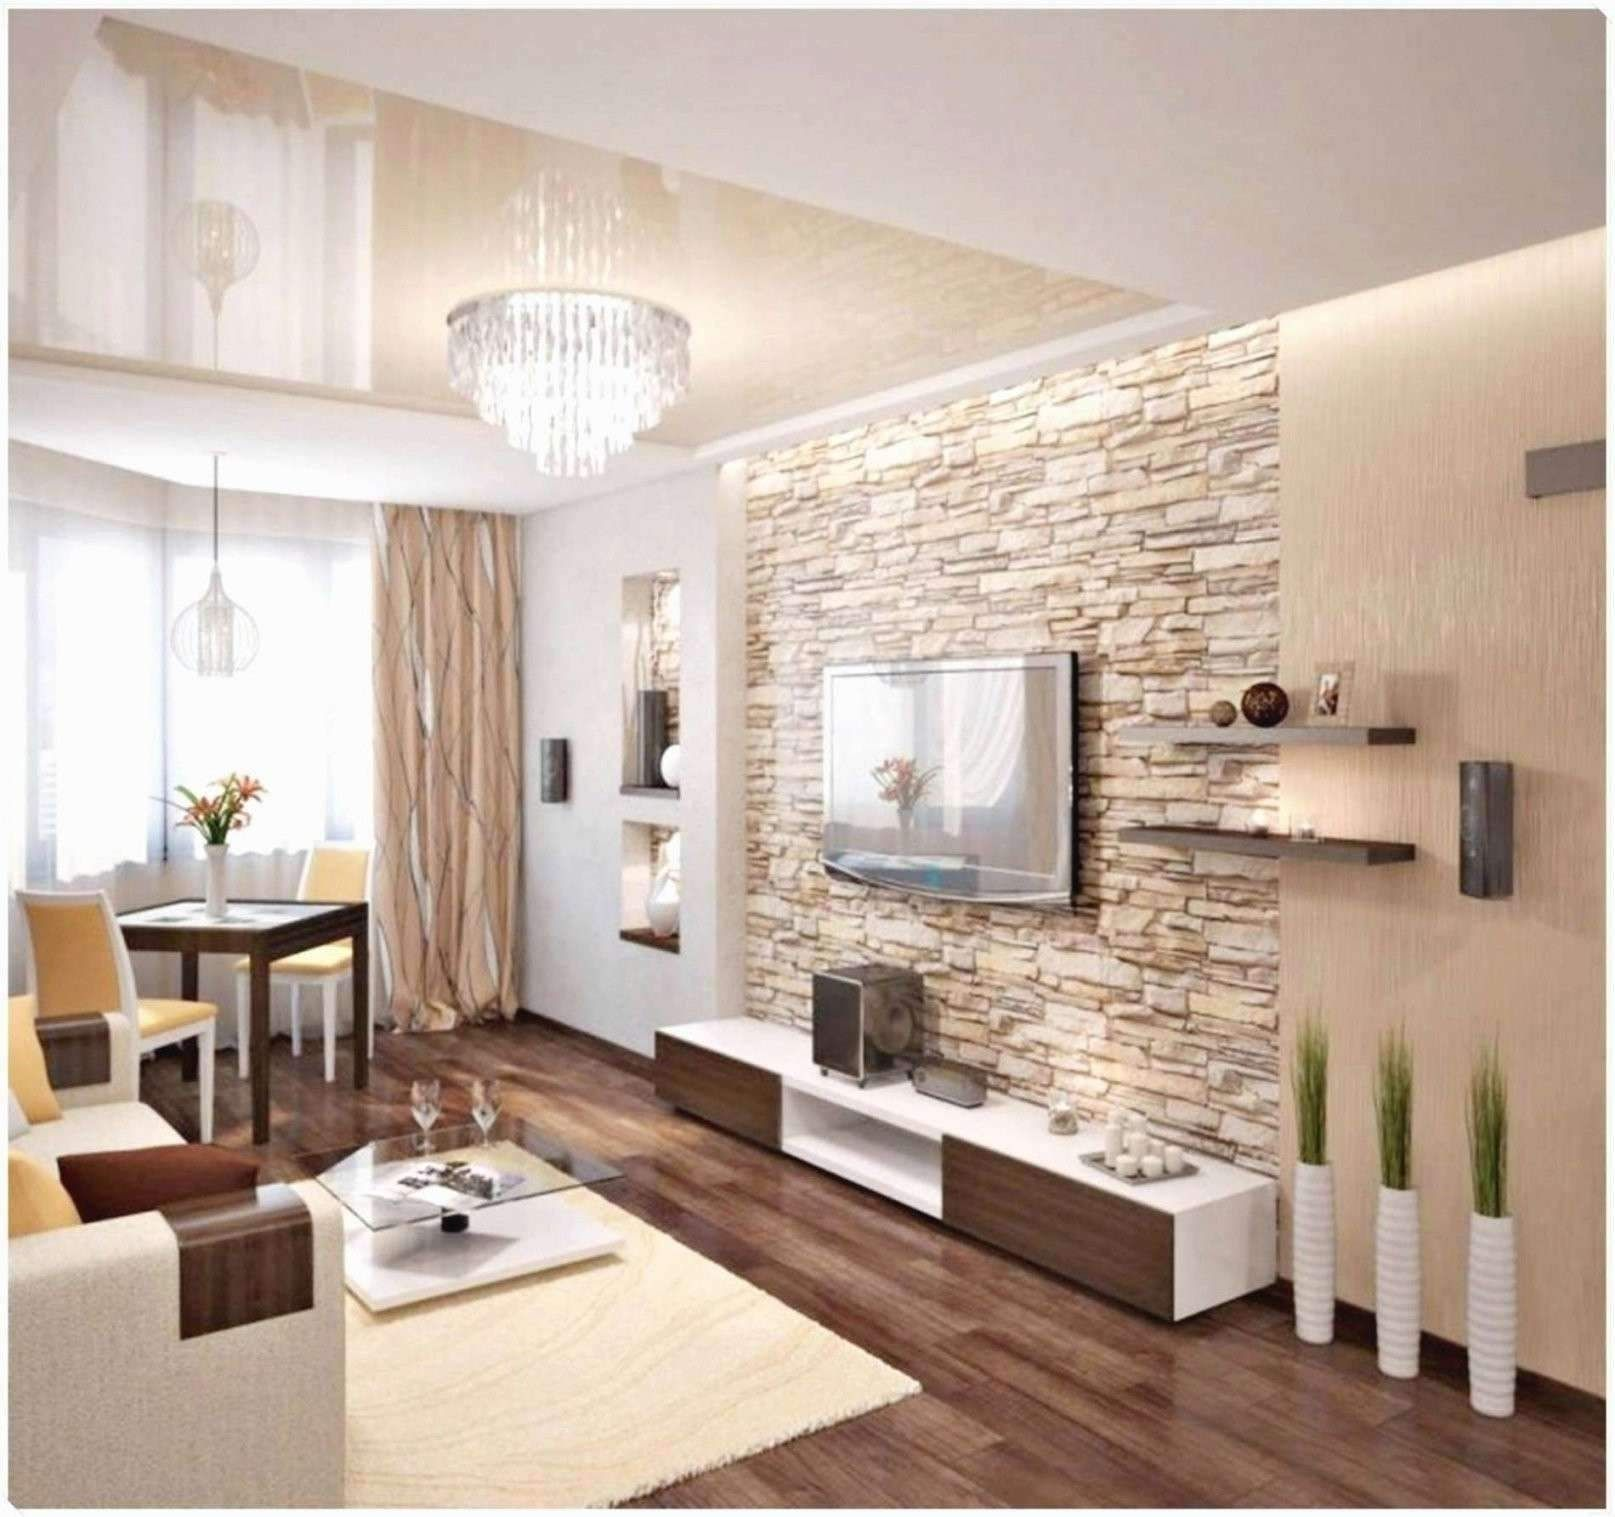 Einrichtung Wohnzimmer Ideen in 7  Living room decor modern